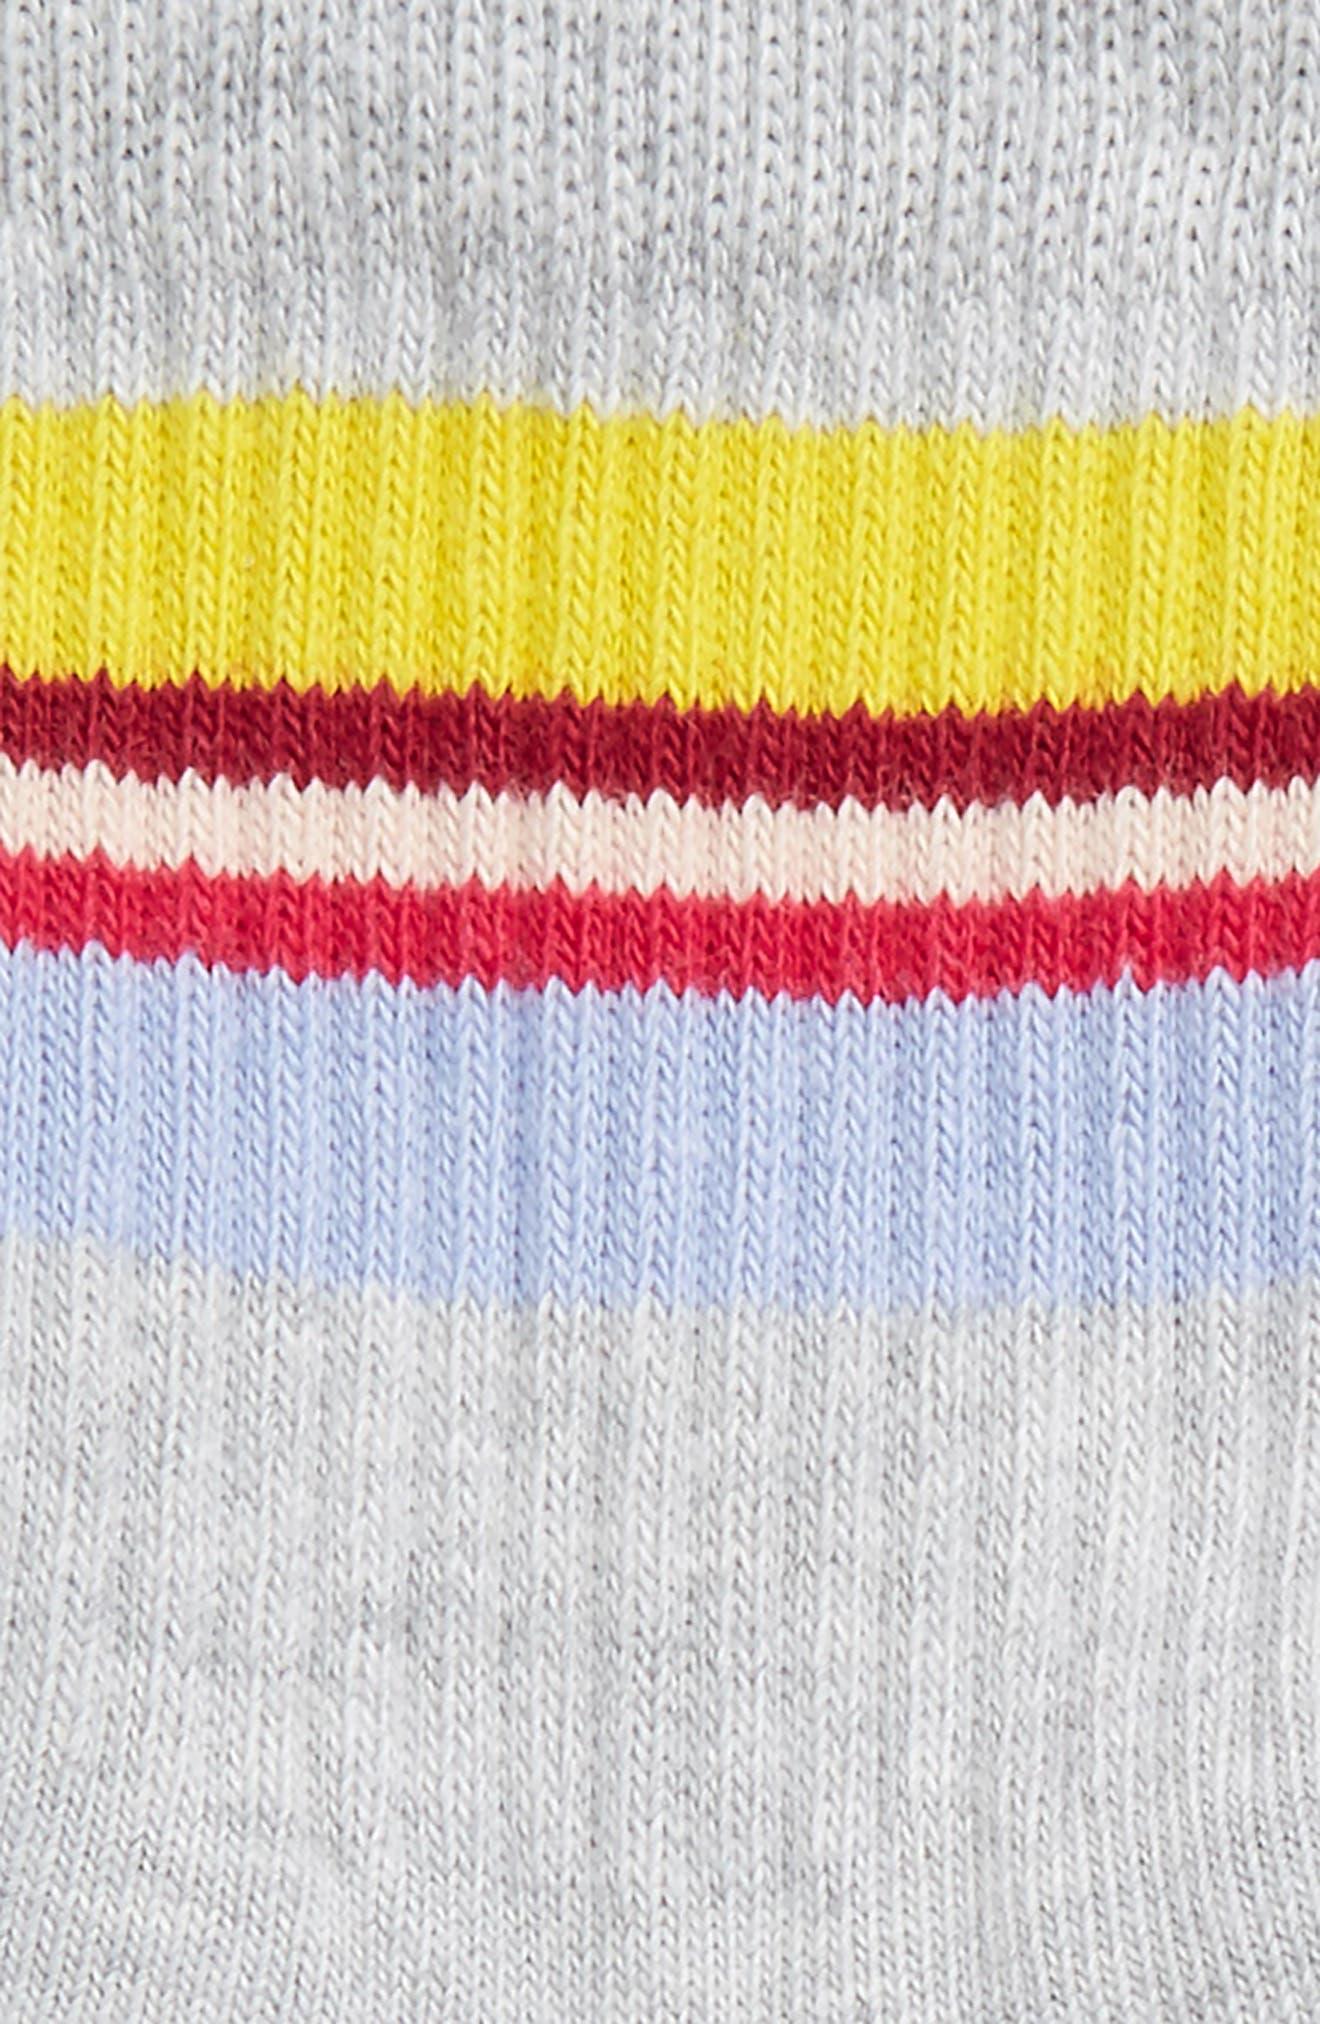 Alternate Image 2  - Stance Jiggy Striped Socks (Toddler & Little Kid)